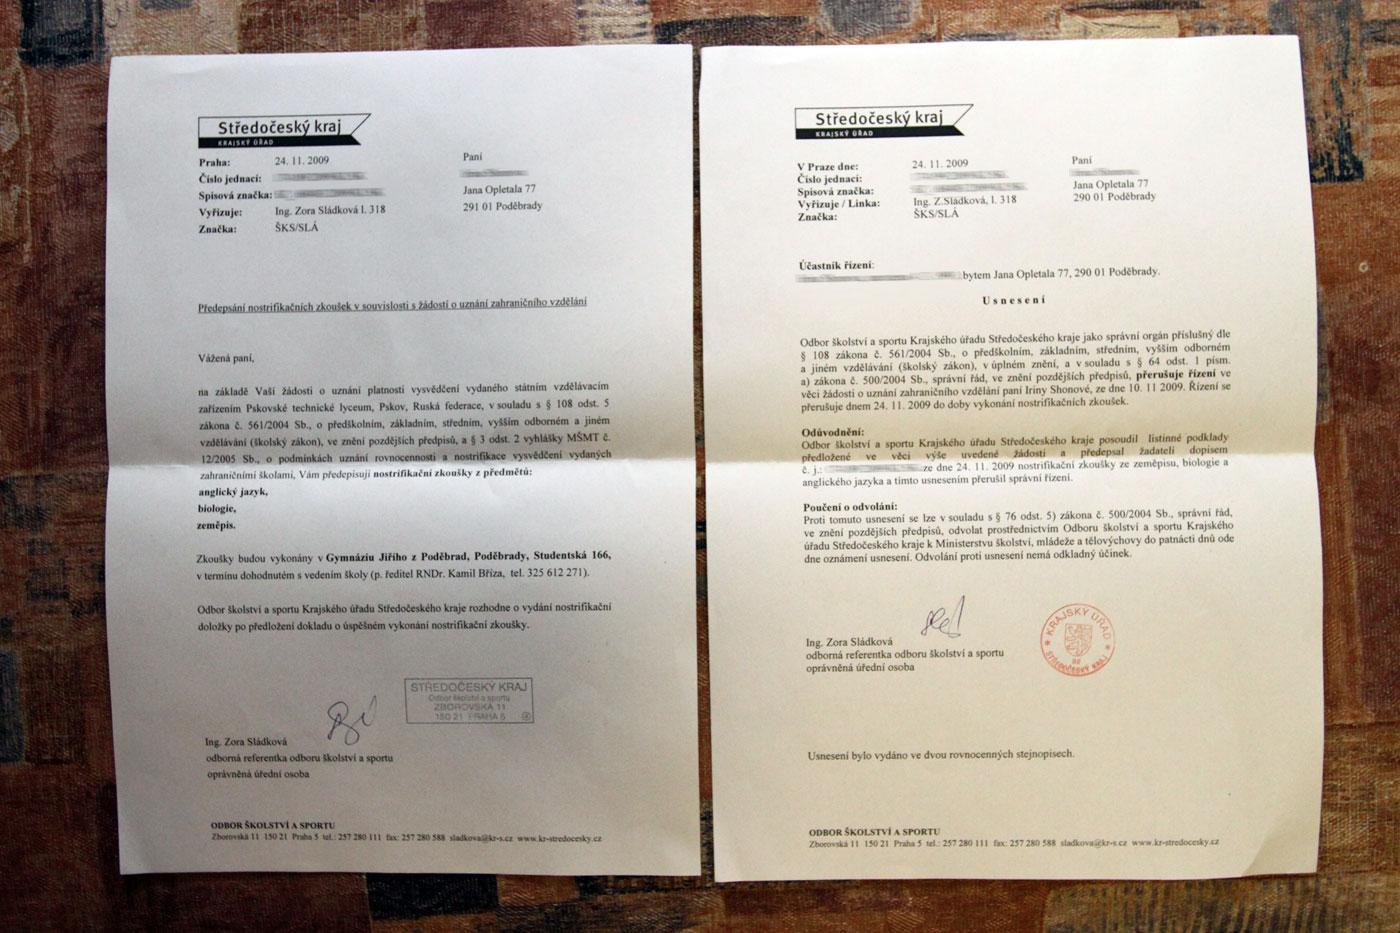 Нострификация Как проходит нострификация в Чехии